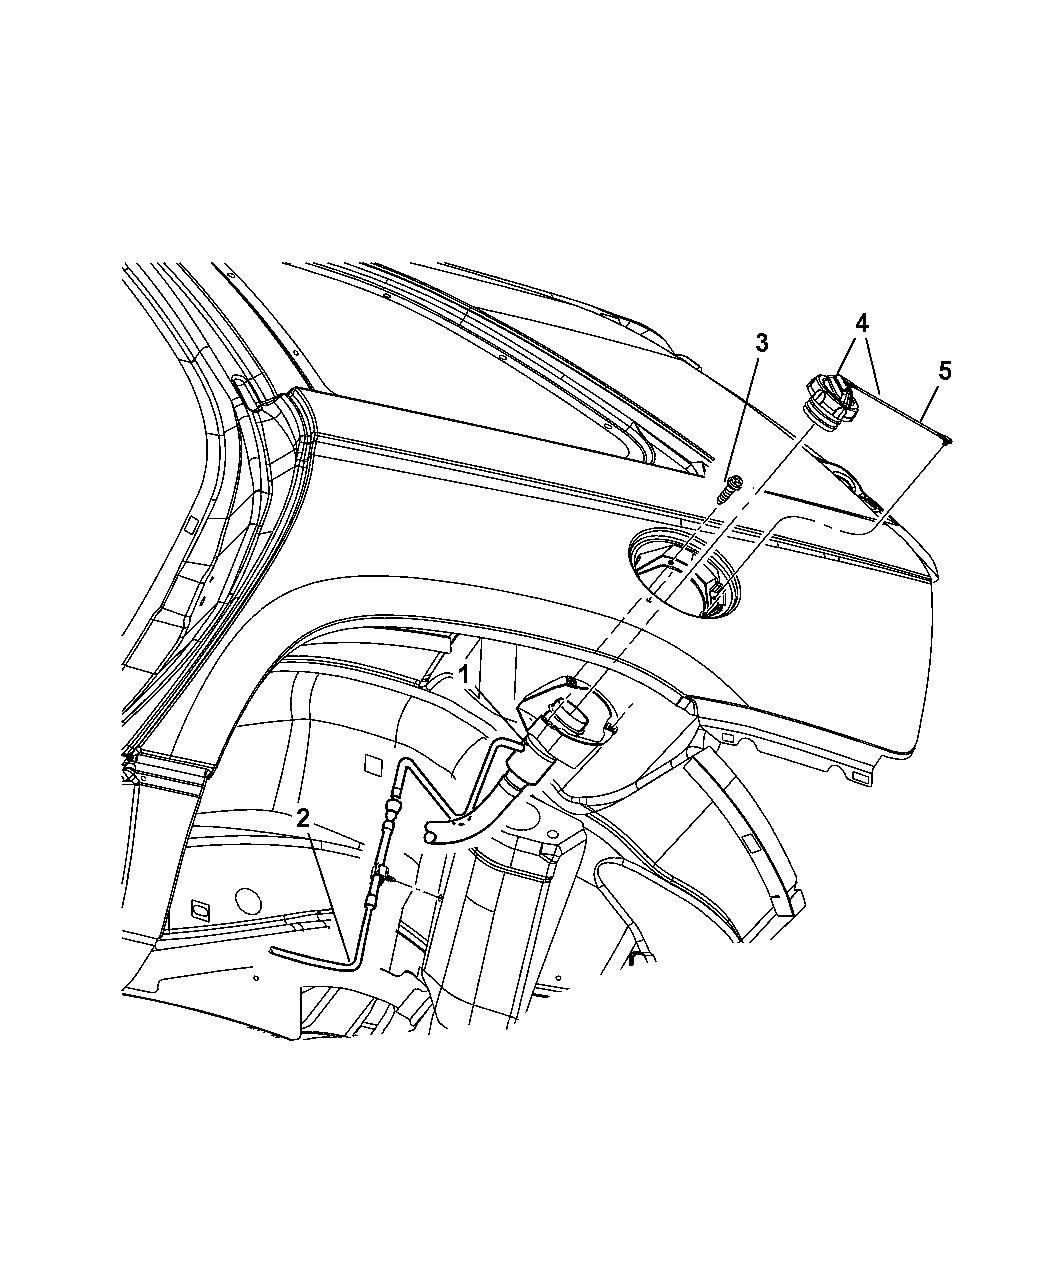 2006 Chrysler Pacifica Fuel Tank Filler Tube